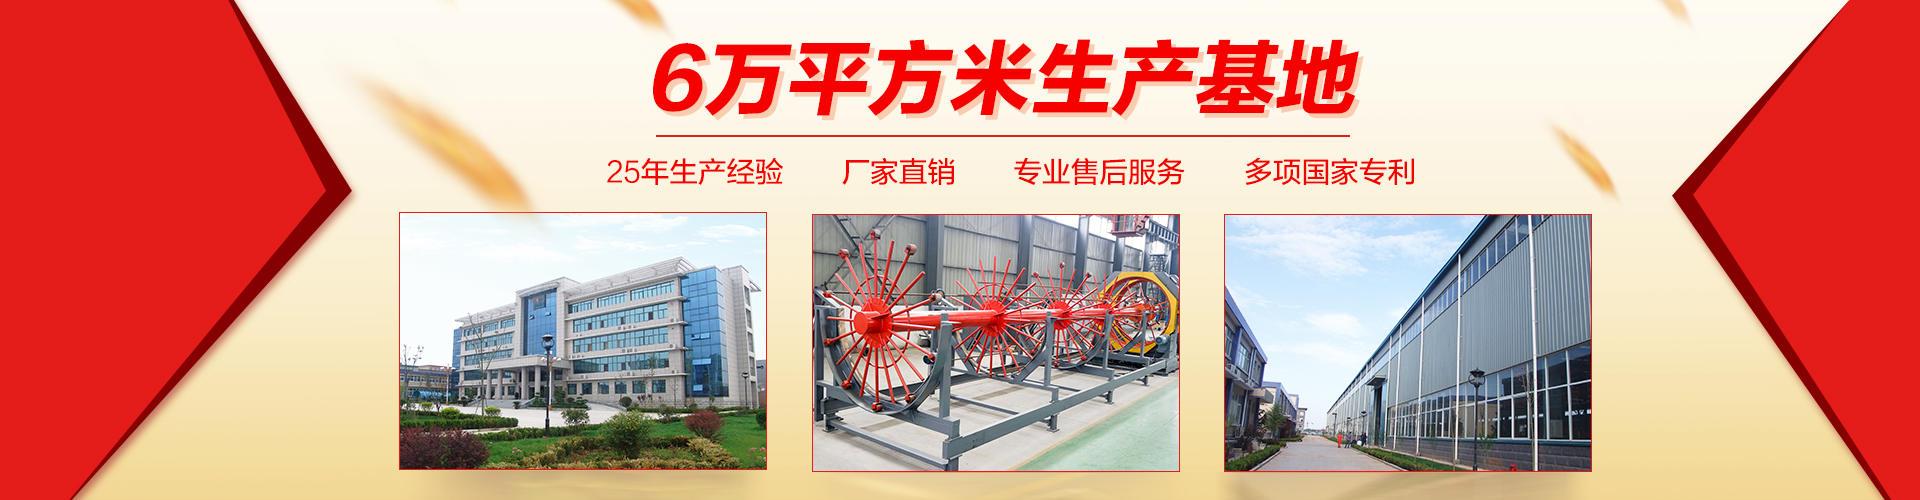 6万平方米生产基地